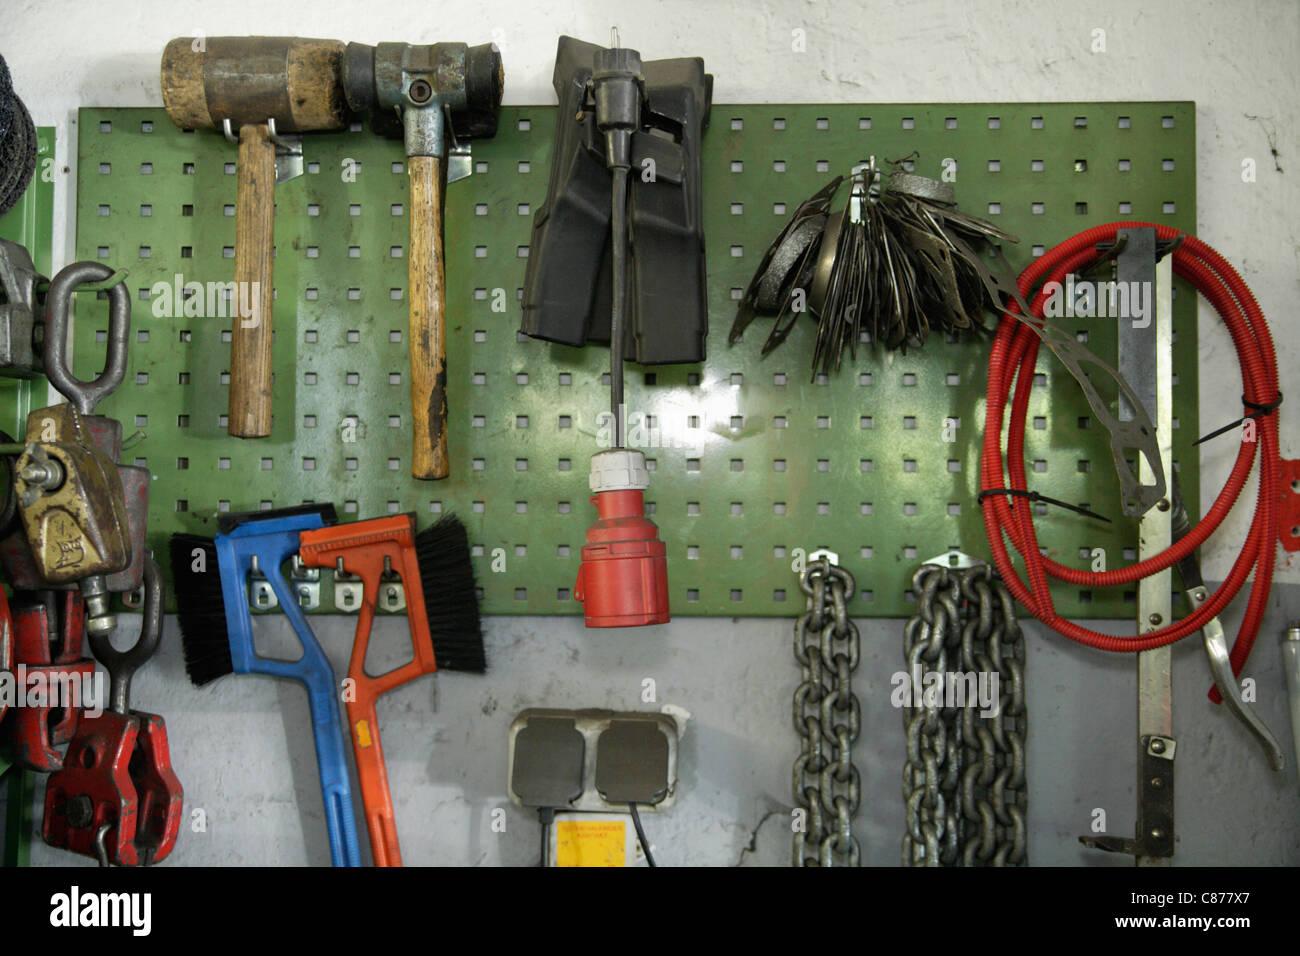 Germany, Ebenhausen, Work tools on pegboard in repair garage - Stock Image